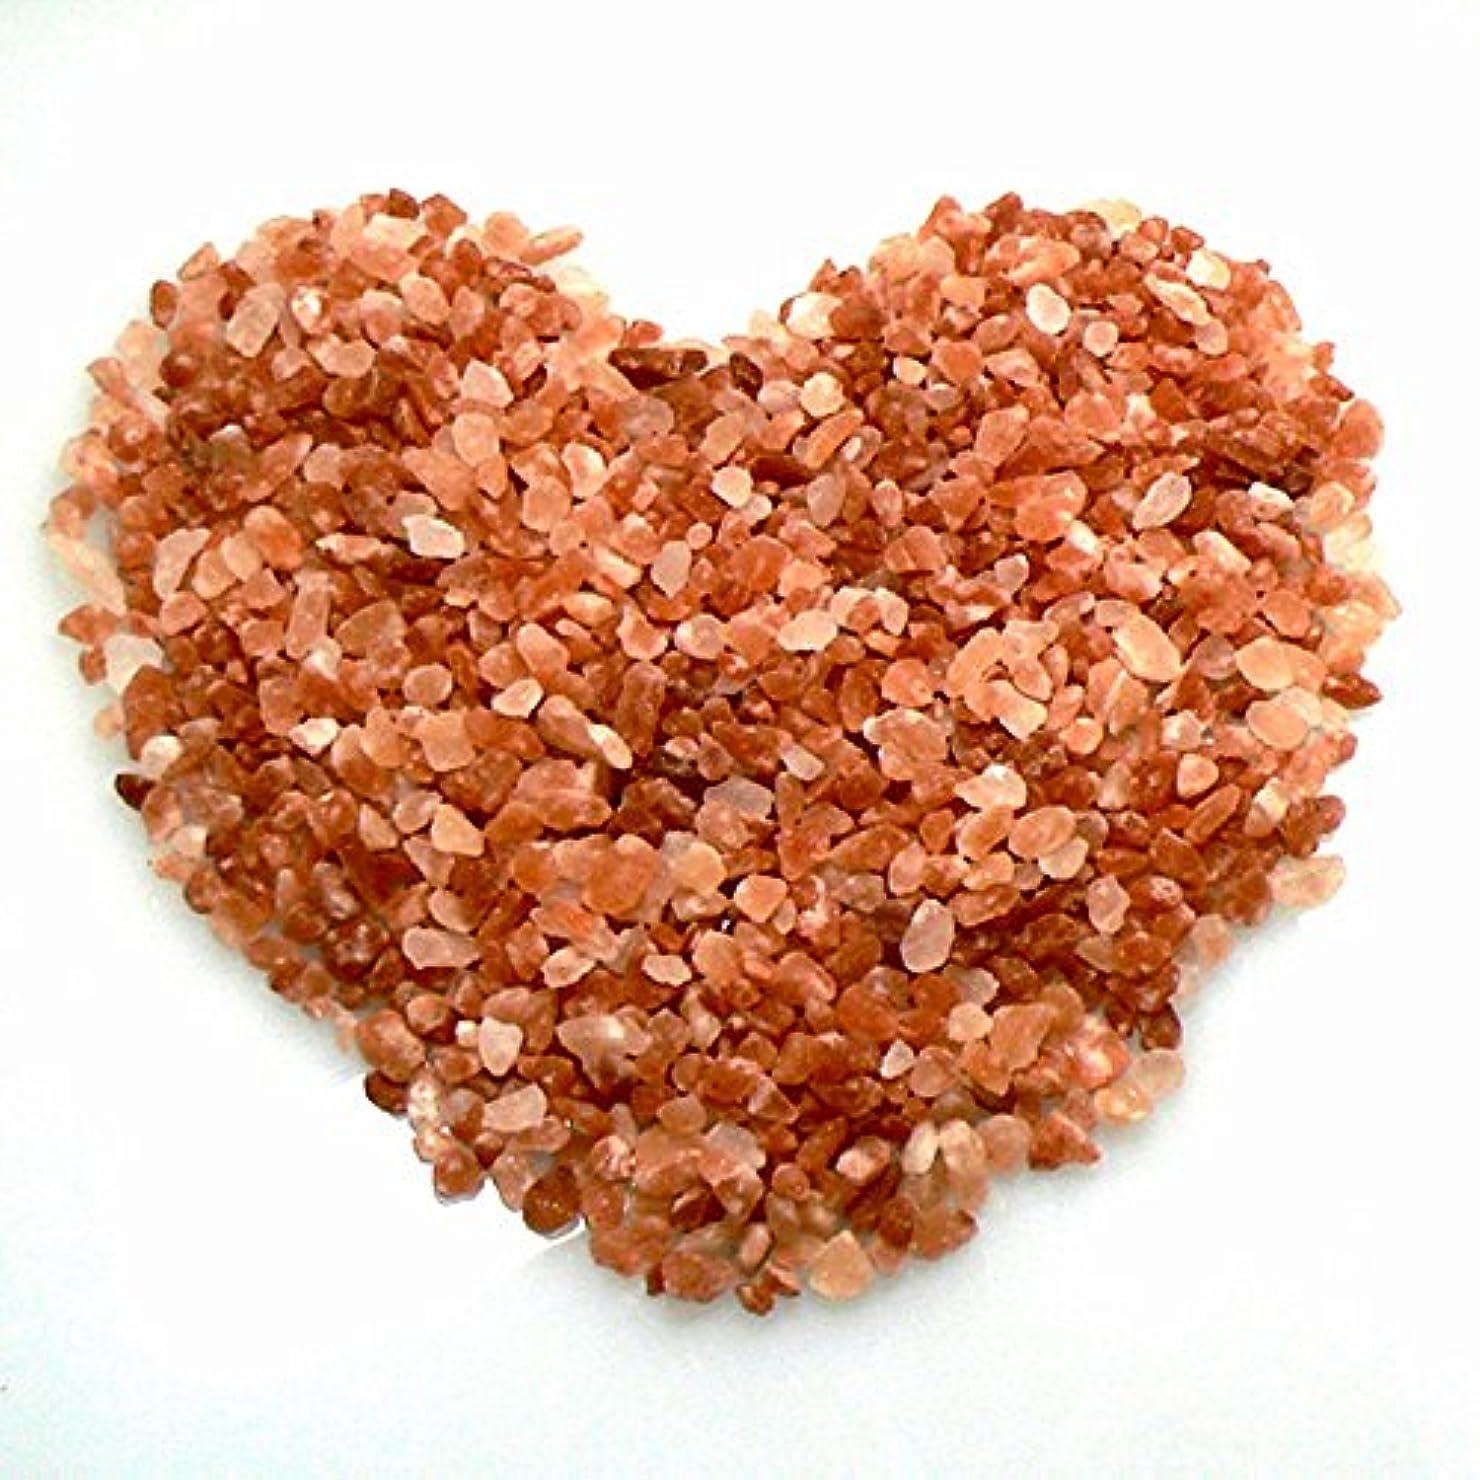 ツイン満たすファンシーヒマラヤ岩塩 ピンクソルト 入浴用 バスソルト(小粒)3kg ピンク岩塩